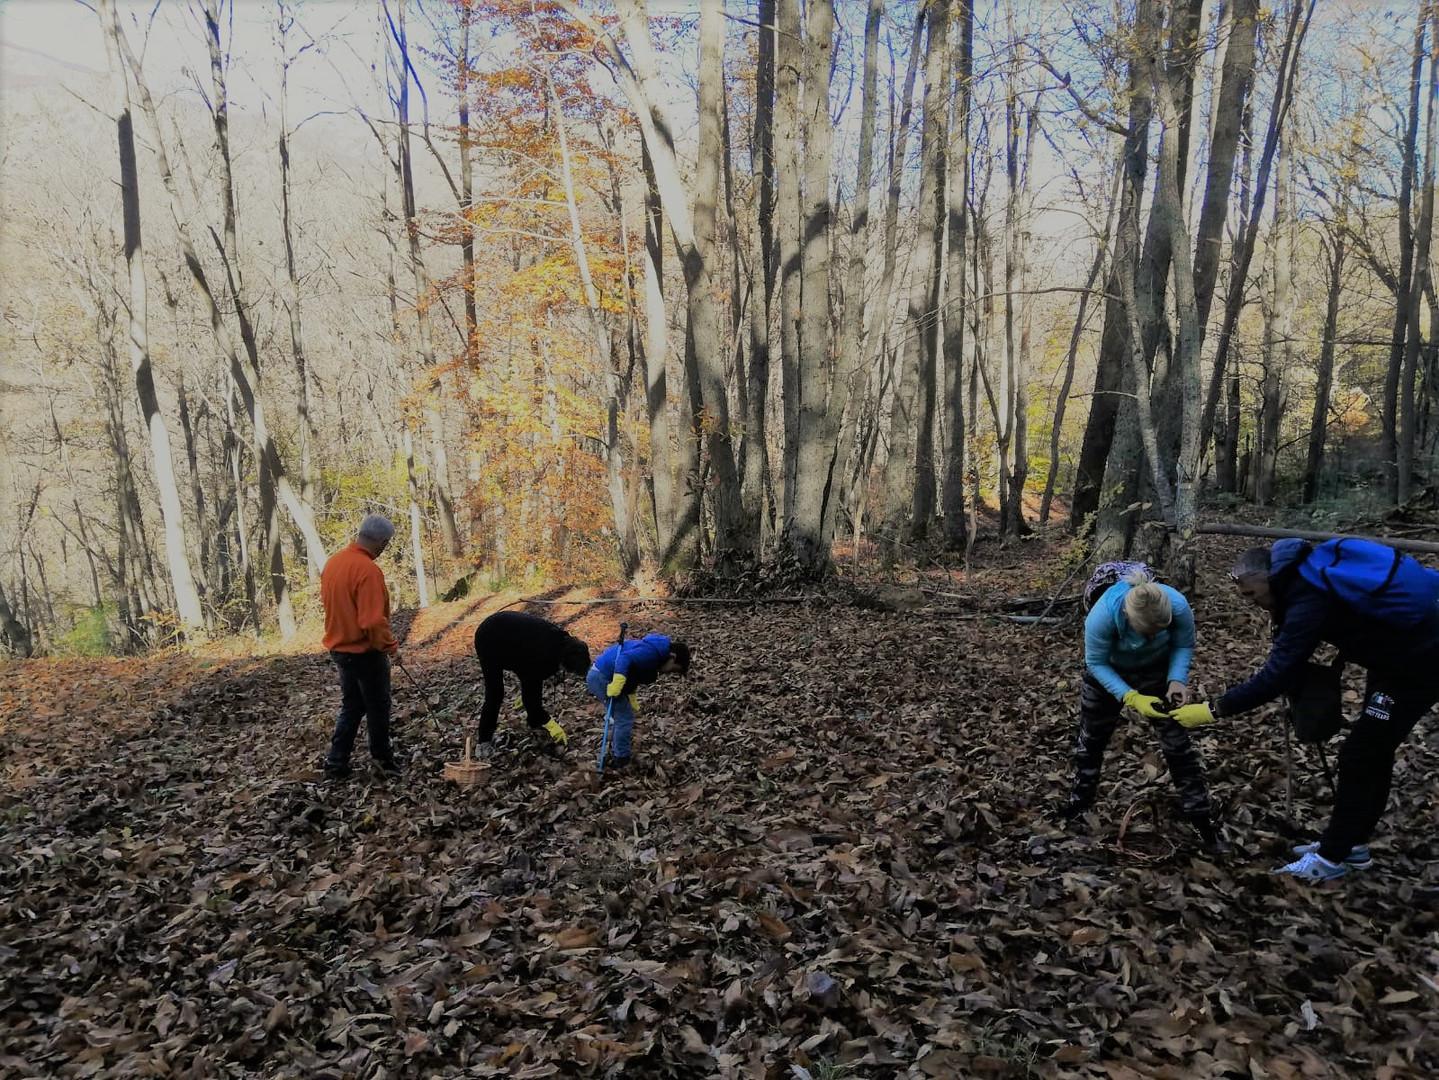 escursione 10-11 novembre 2018 - (2).jpg